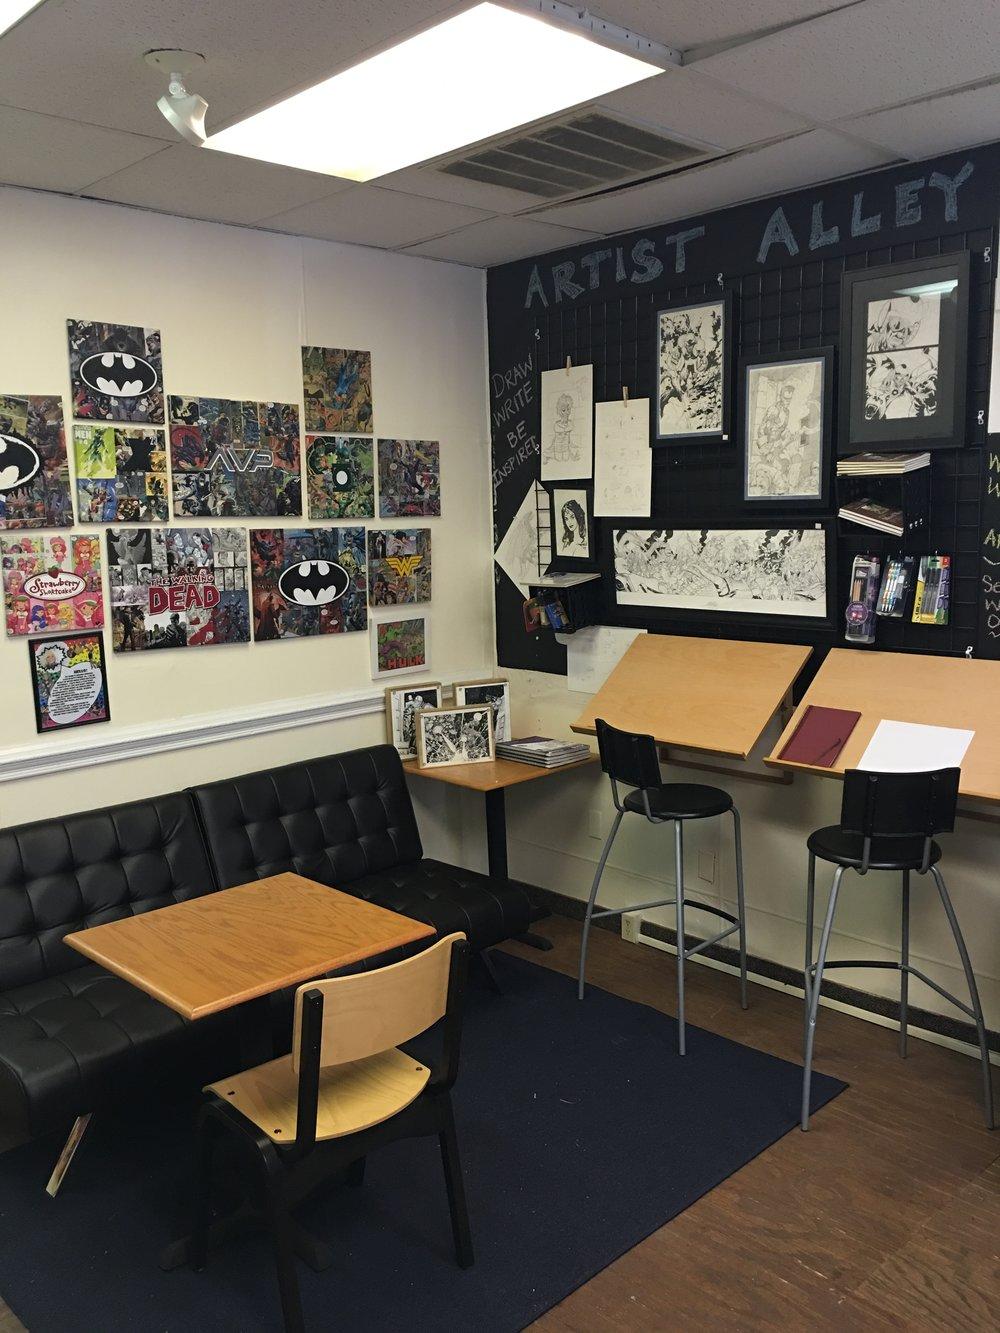 Artist Alley as it appeared in early June.